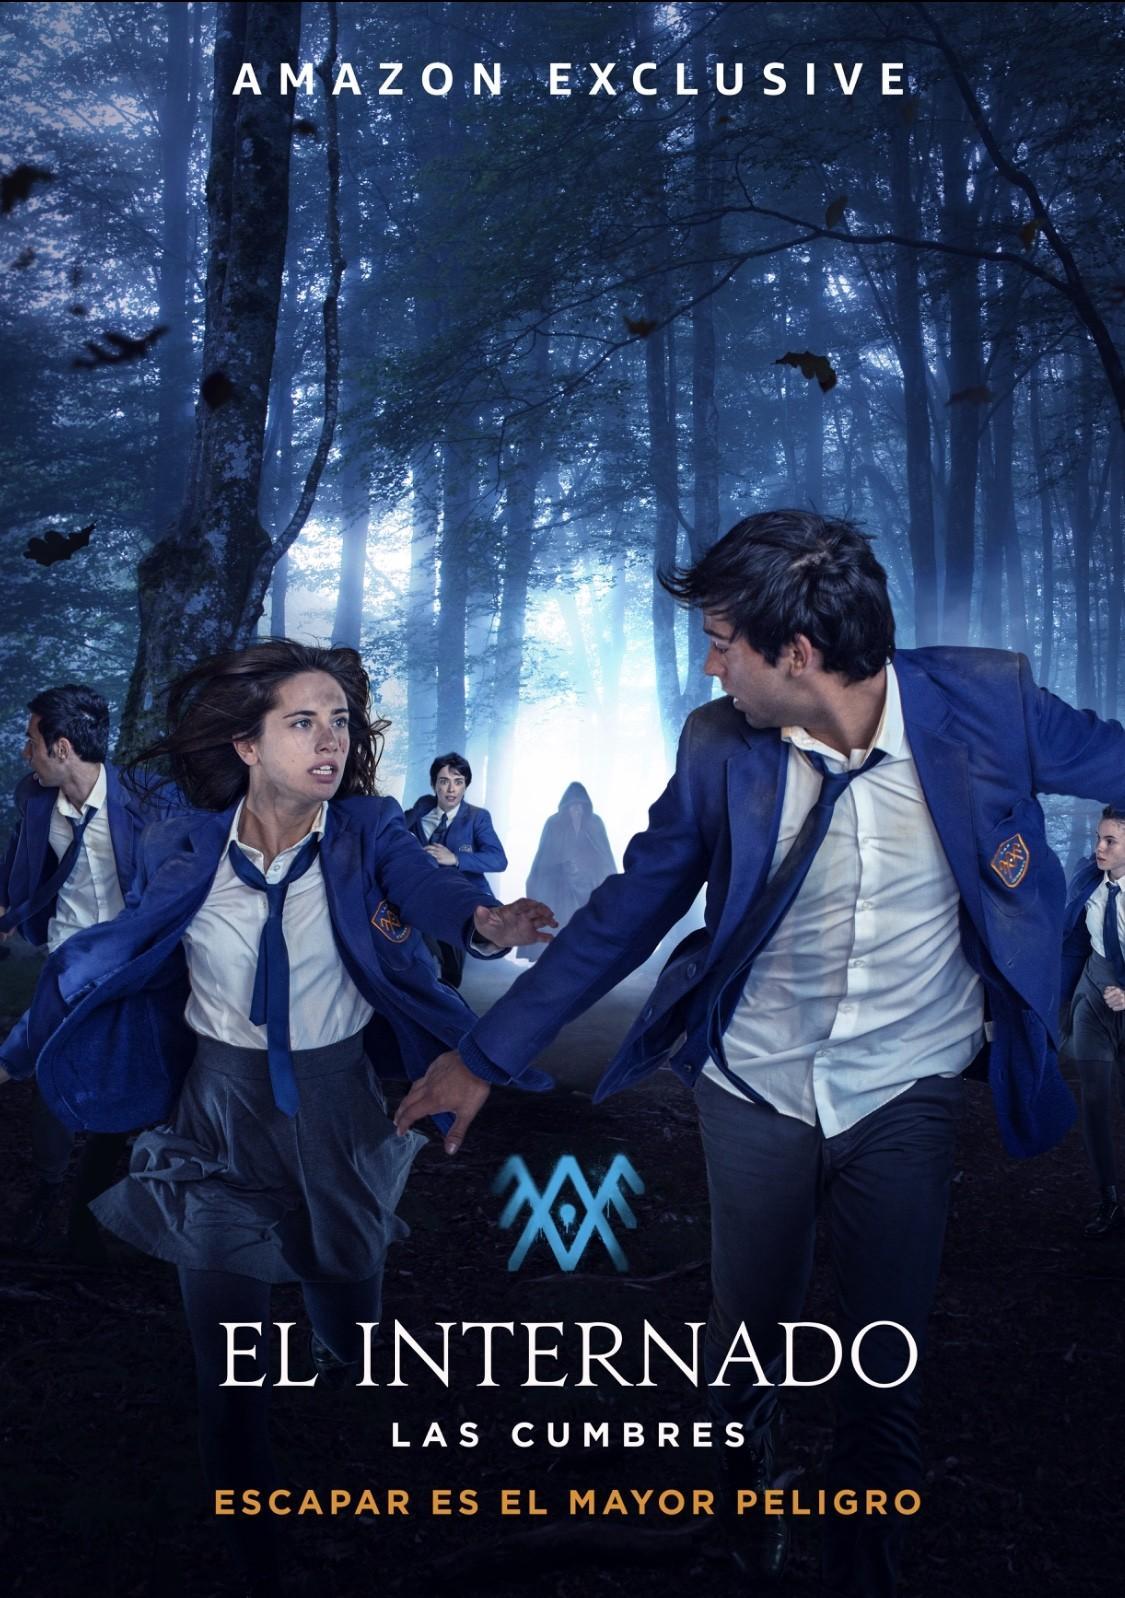 Amazon Prime Video desvela el trailer oficial de El Internado Las Cumbres